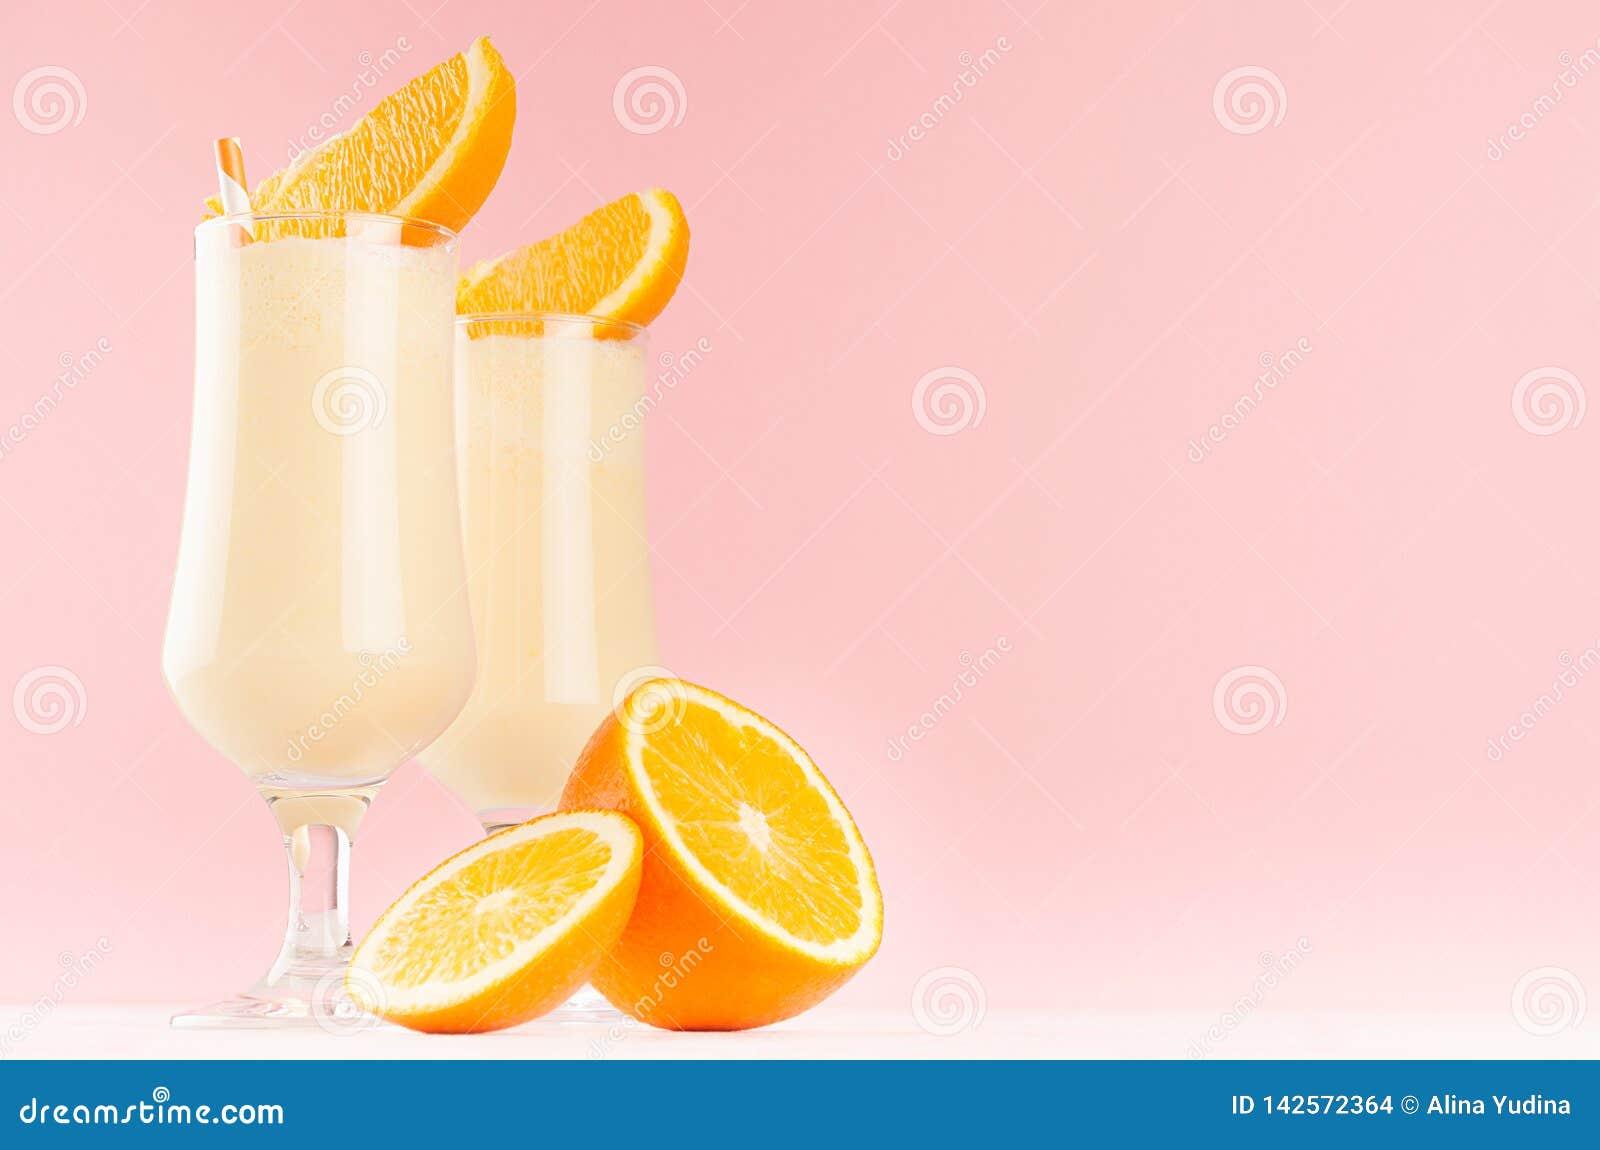 Τα γλυκά εύθυμα milkshakes διακόσμησαν τα φρούτα φετών, ριγωτά άχυρα στο ελαφρύ ρόδινο υπόβαθρο κρητιδογραφιών